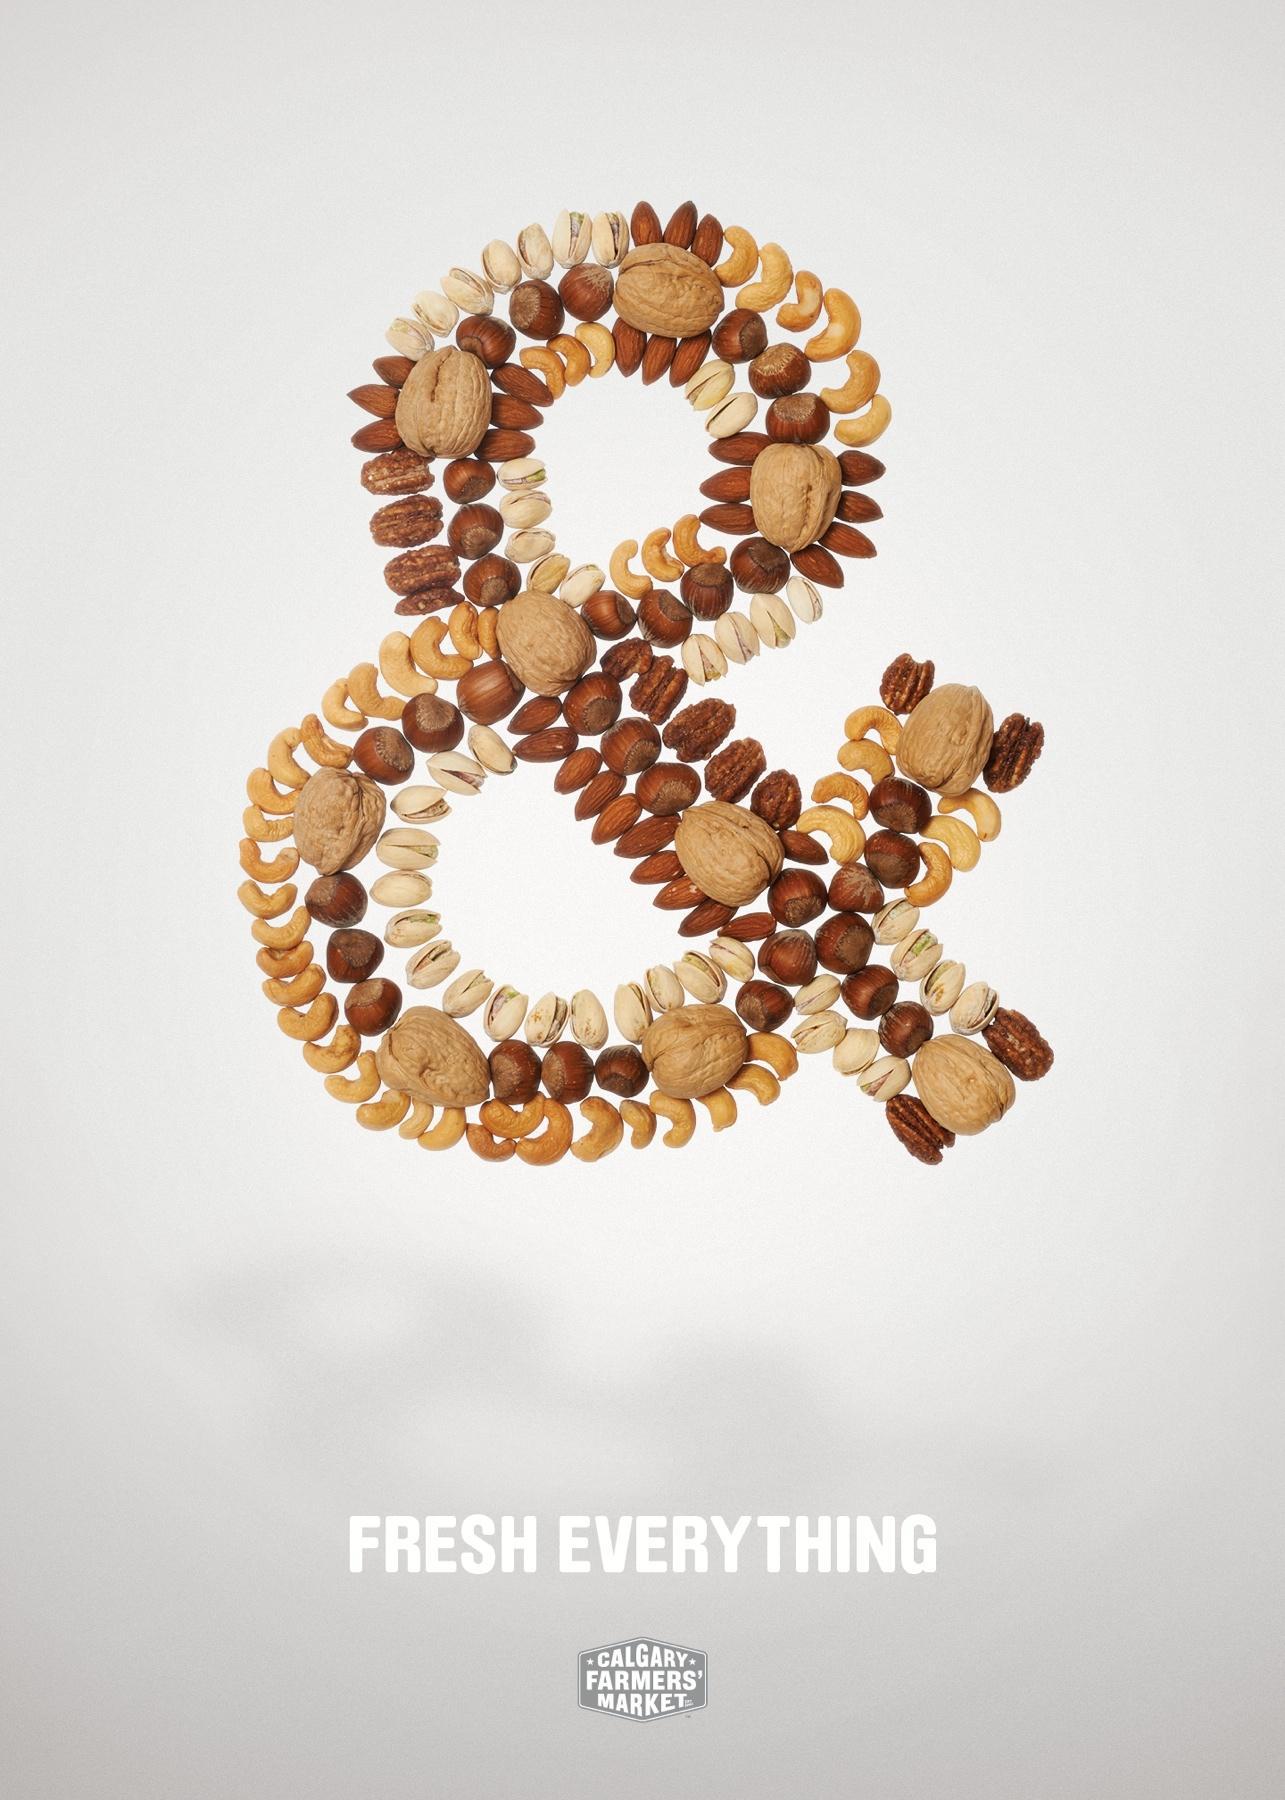 Calgary Farmers' Market Print Ad -  Fresh Everything, & Nuts